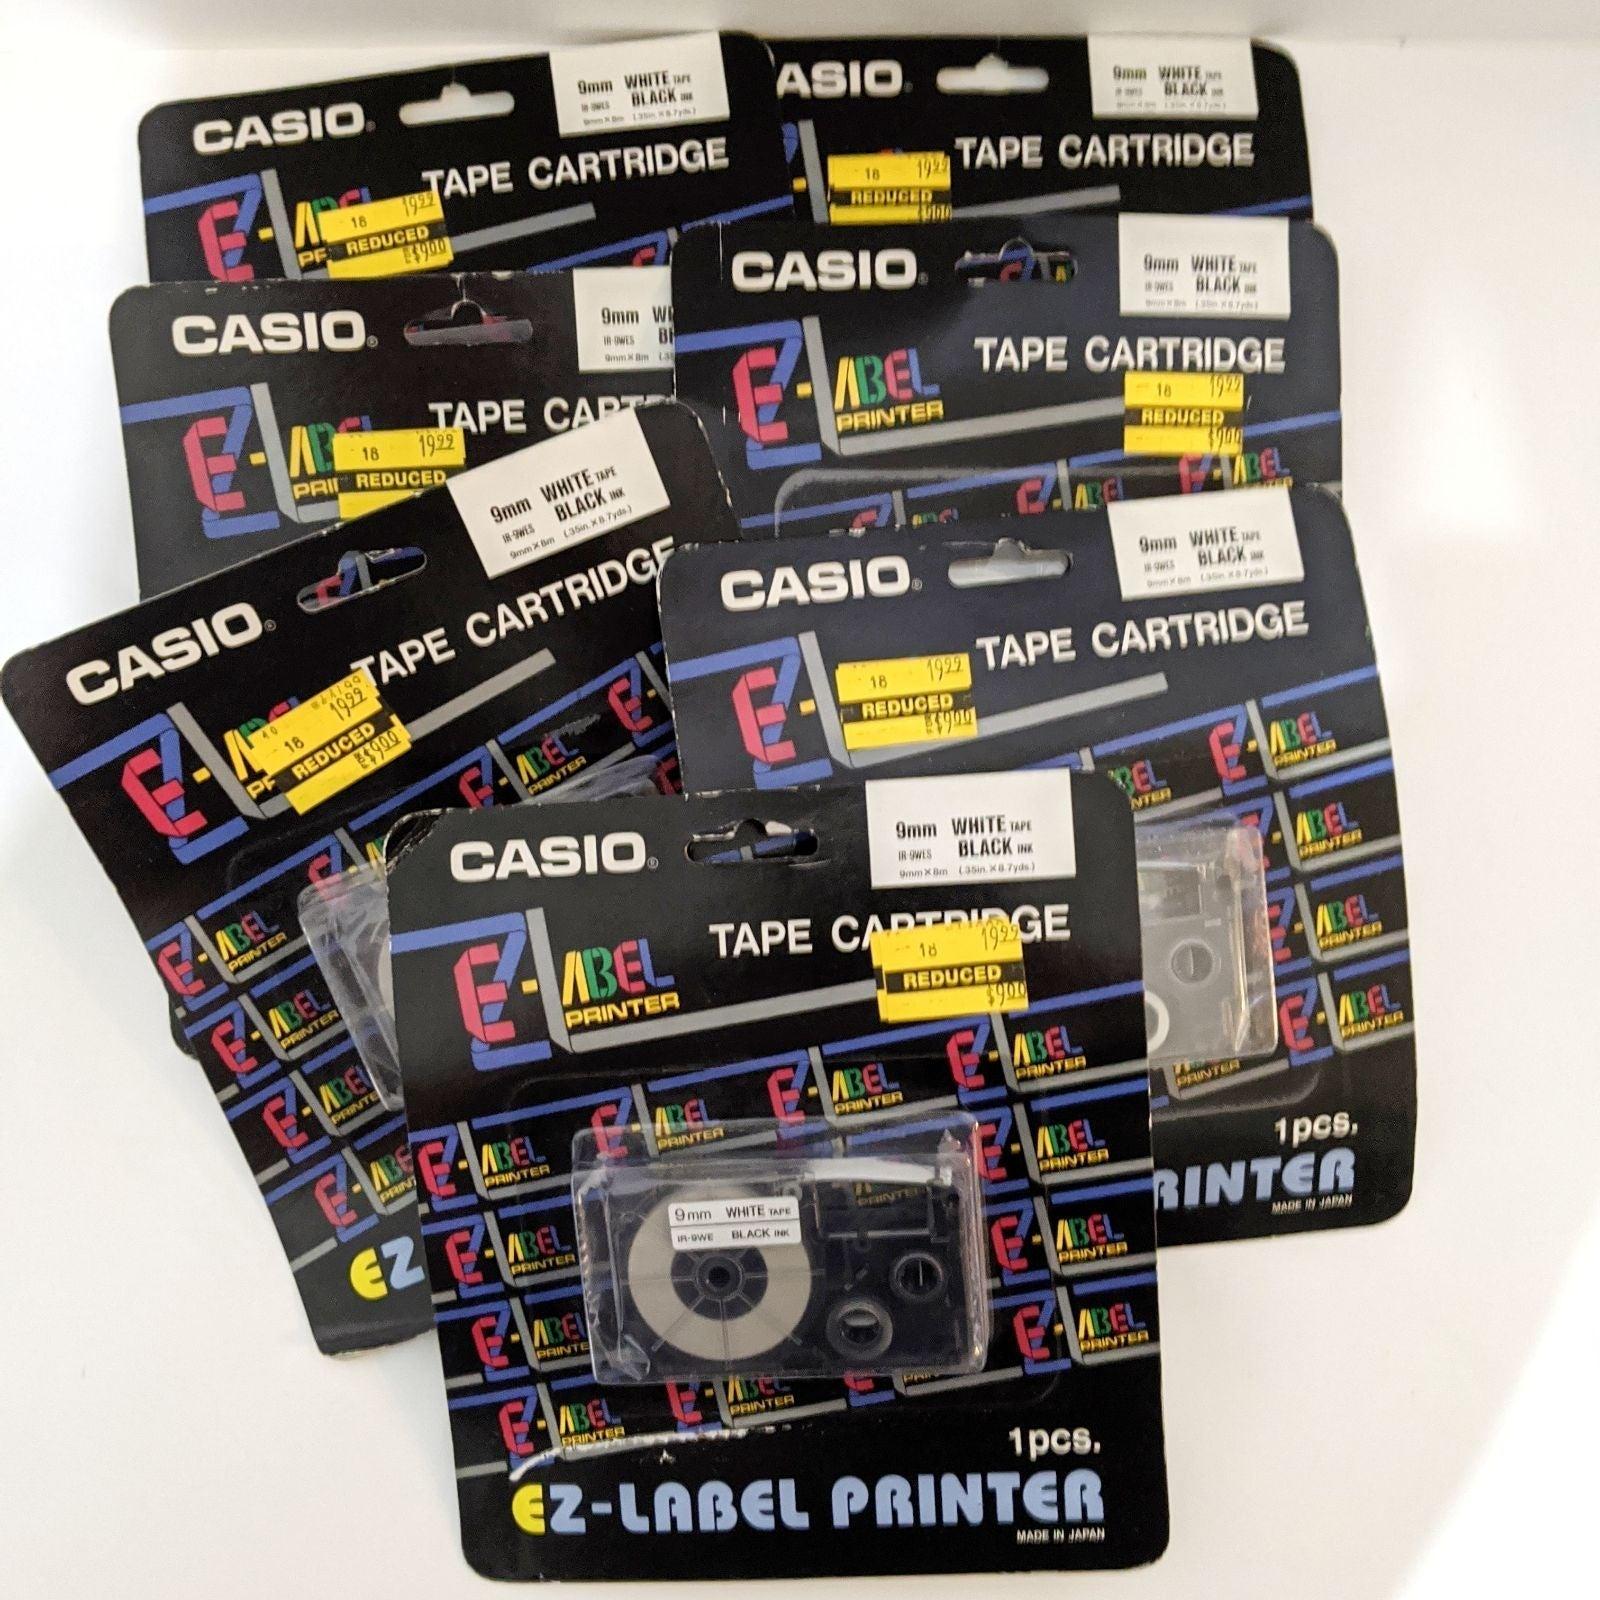 Casio EZ-Label Printer Cartridge IR-9WES